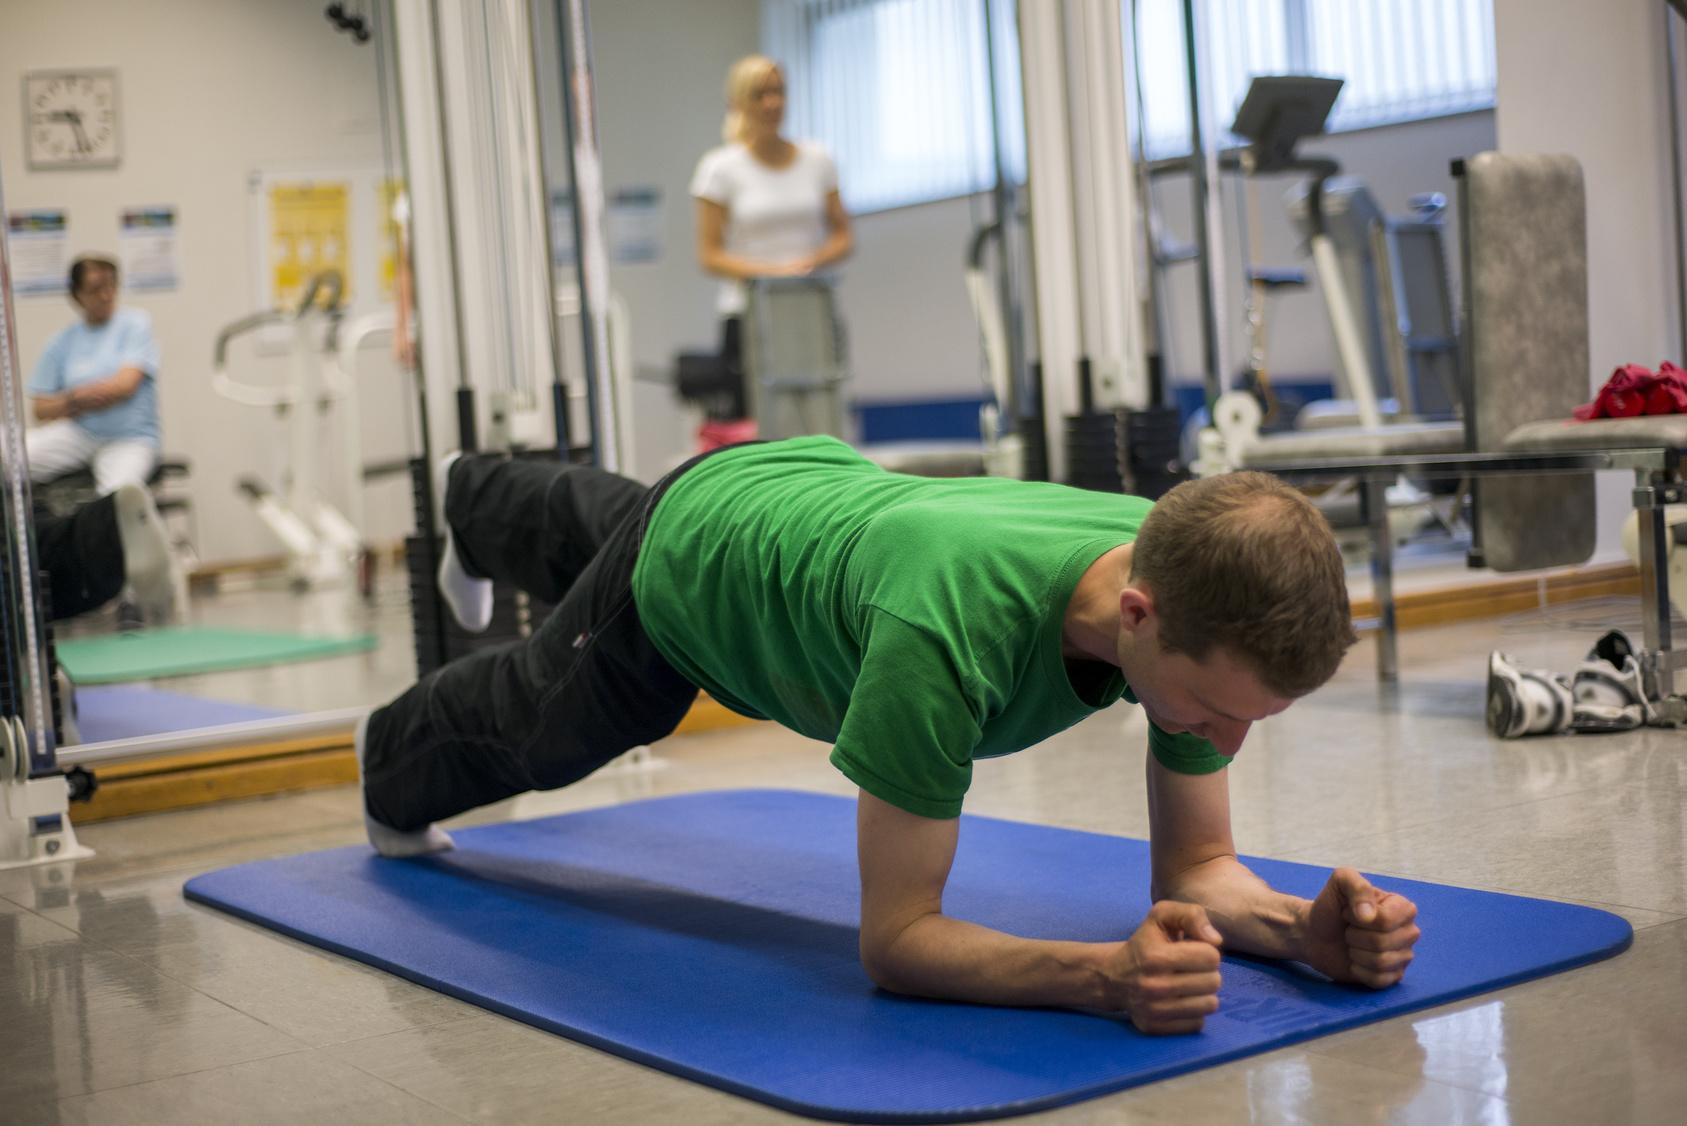 Maak een asfpraak voor sportfysiotherapie in Nijmegen